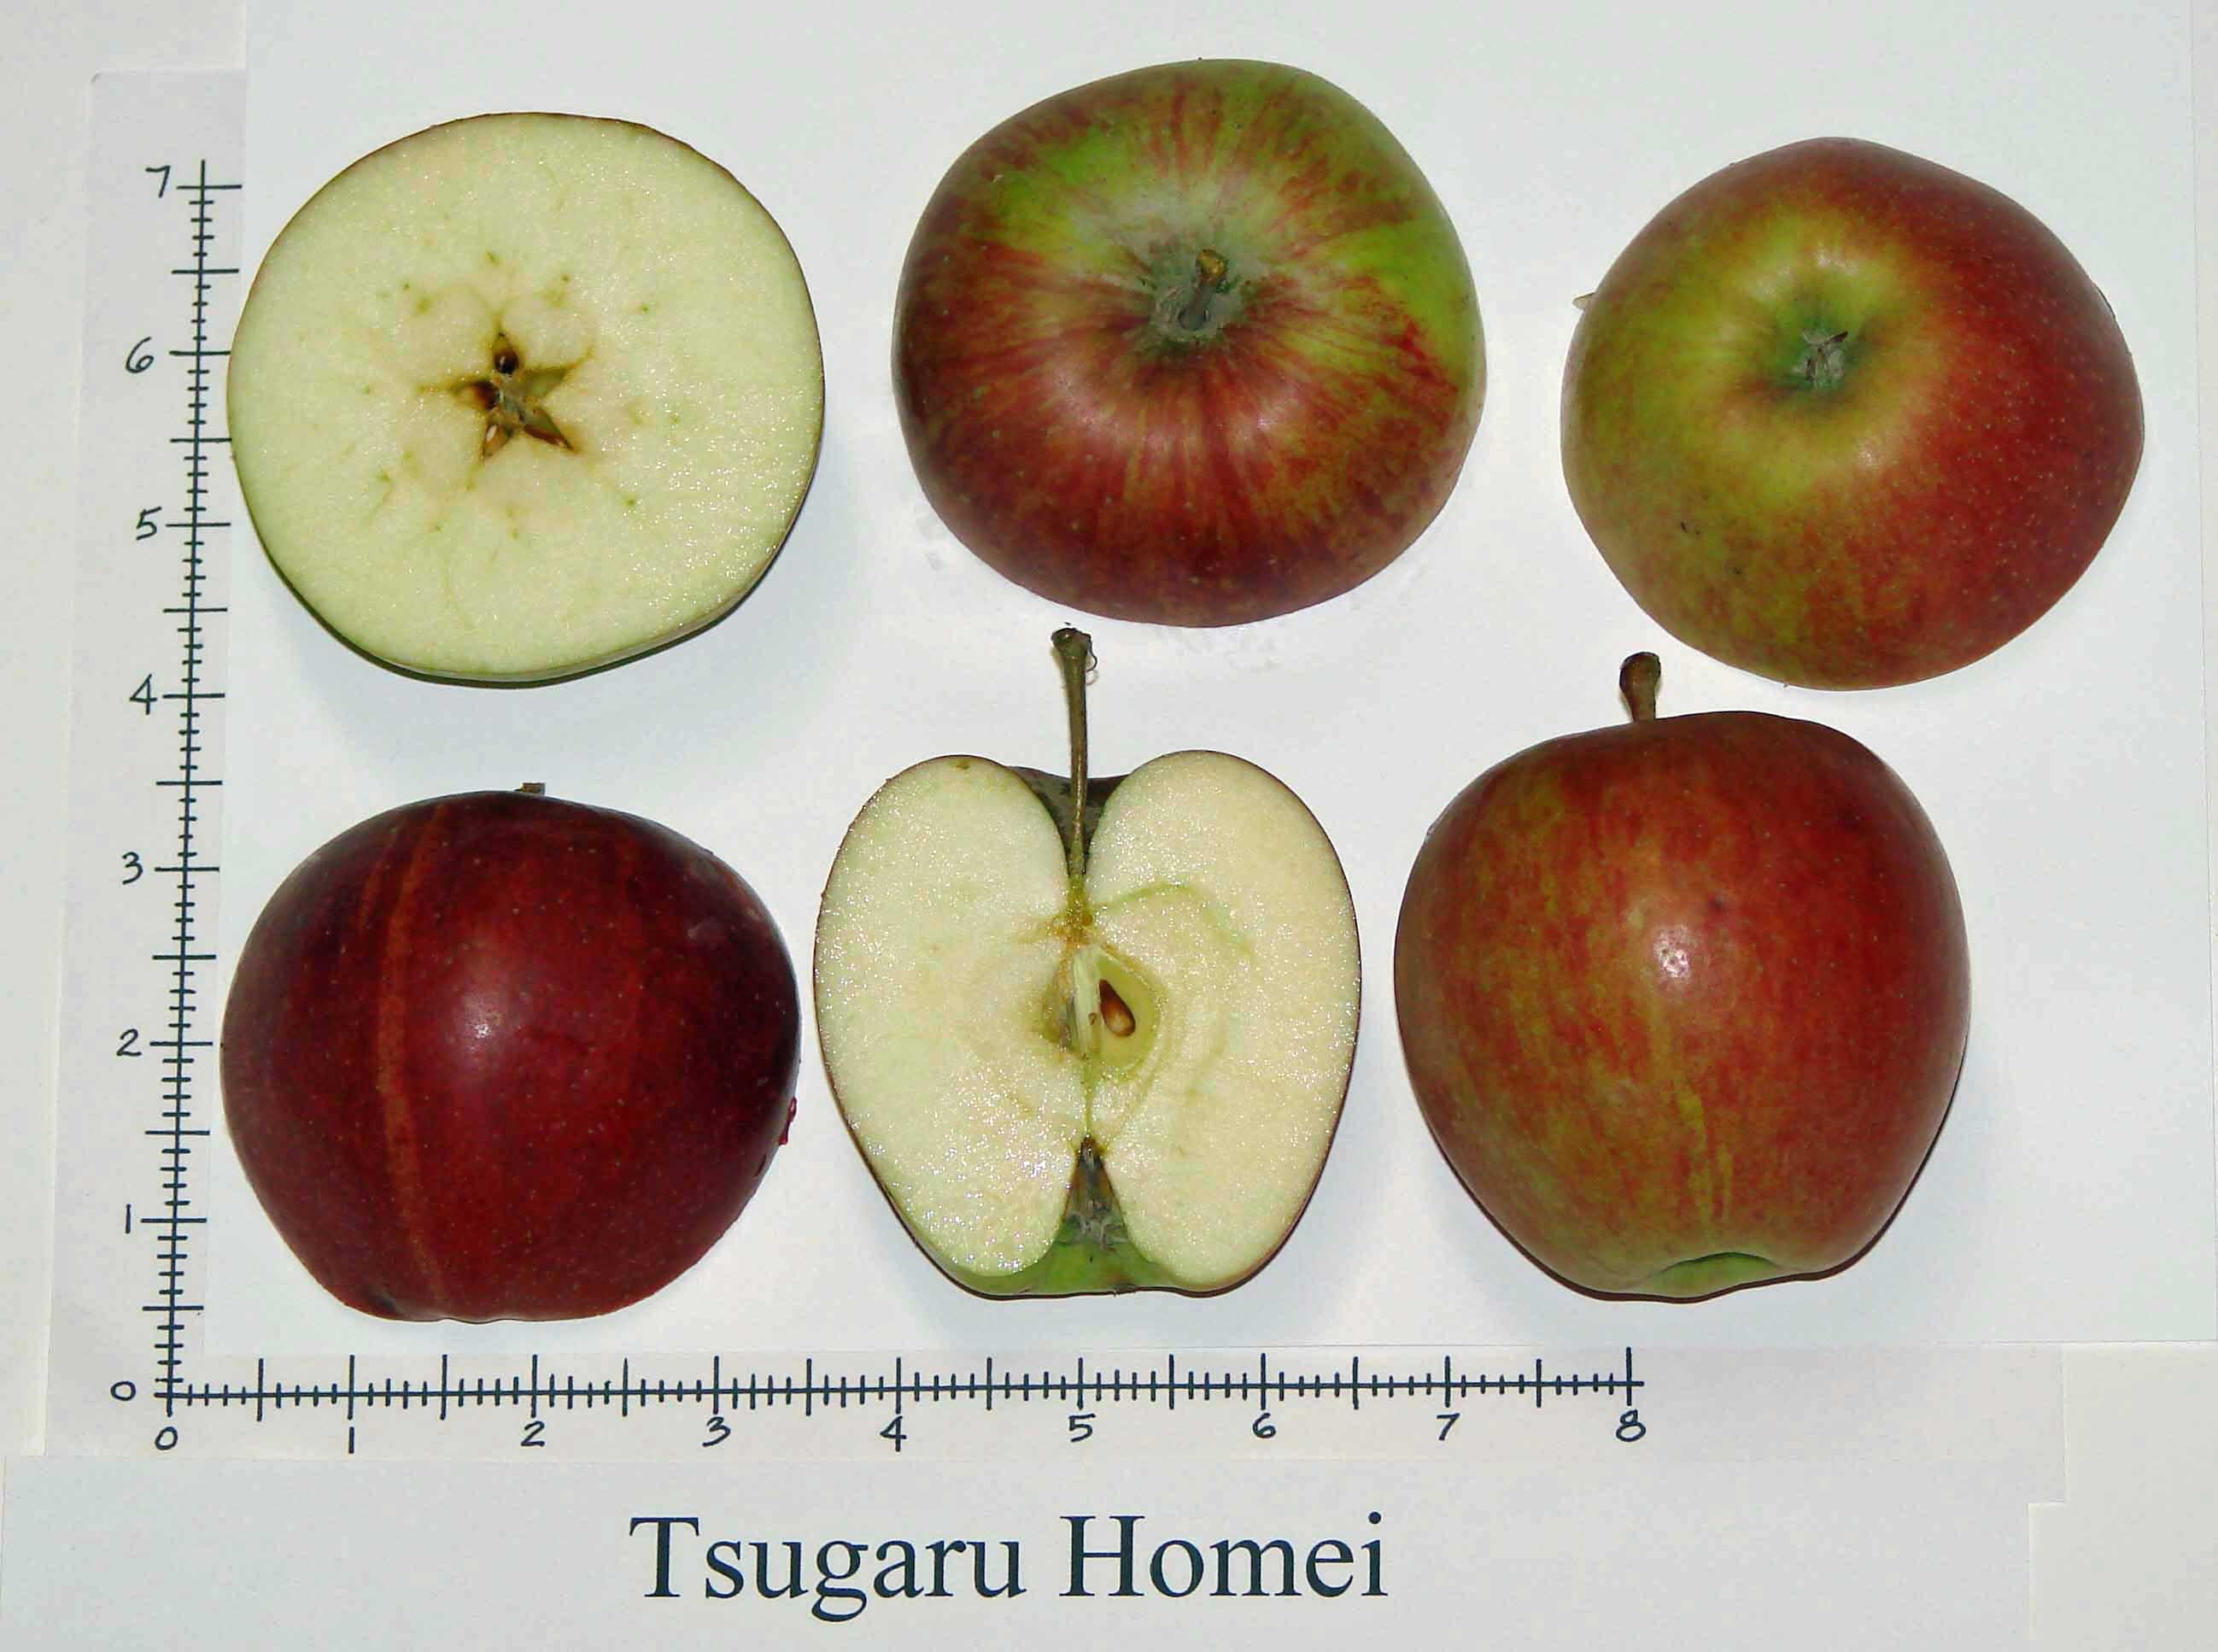 Tsugaru Homei